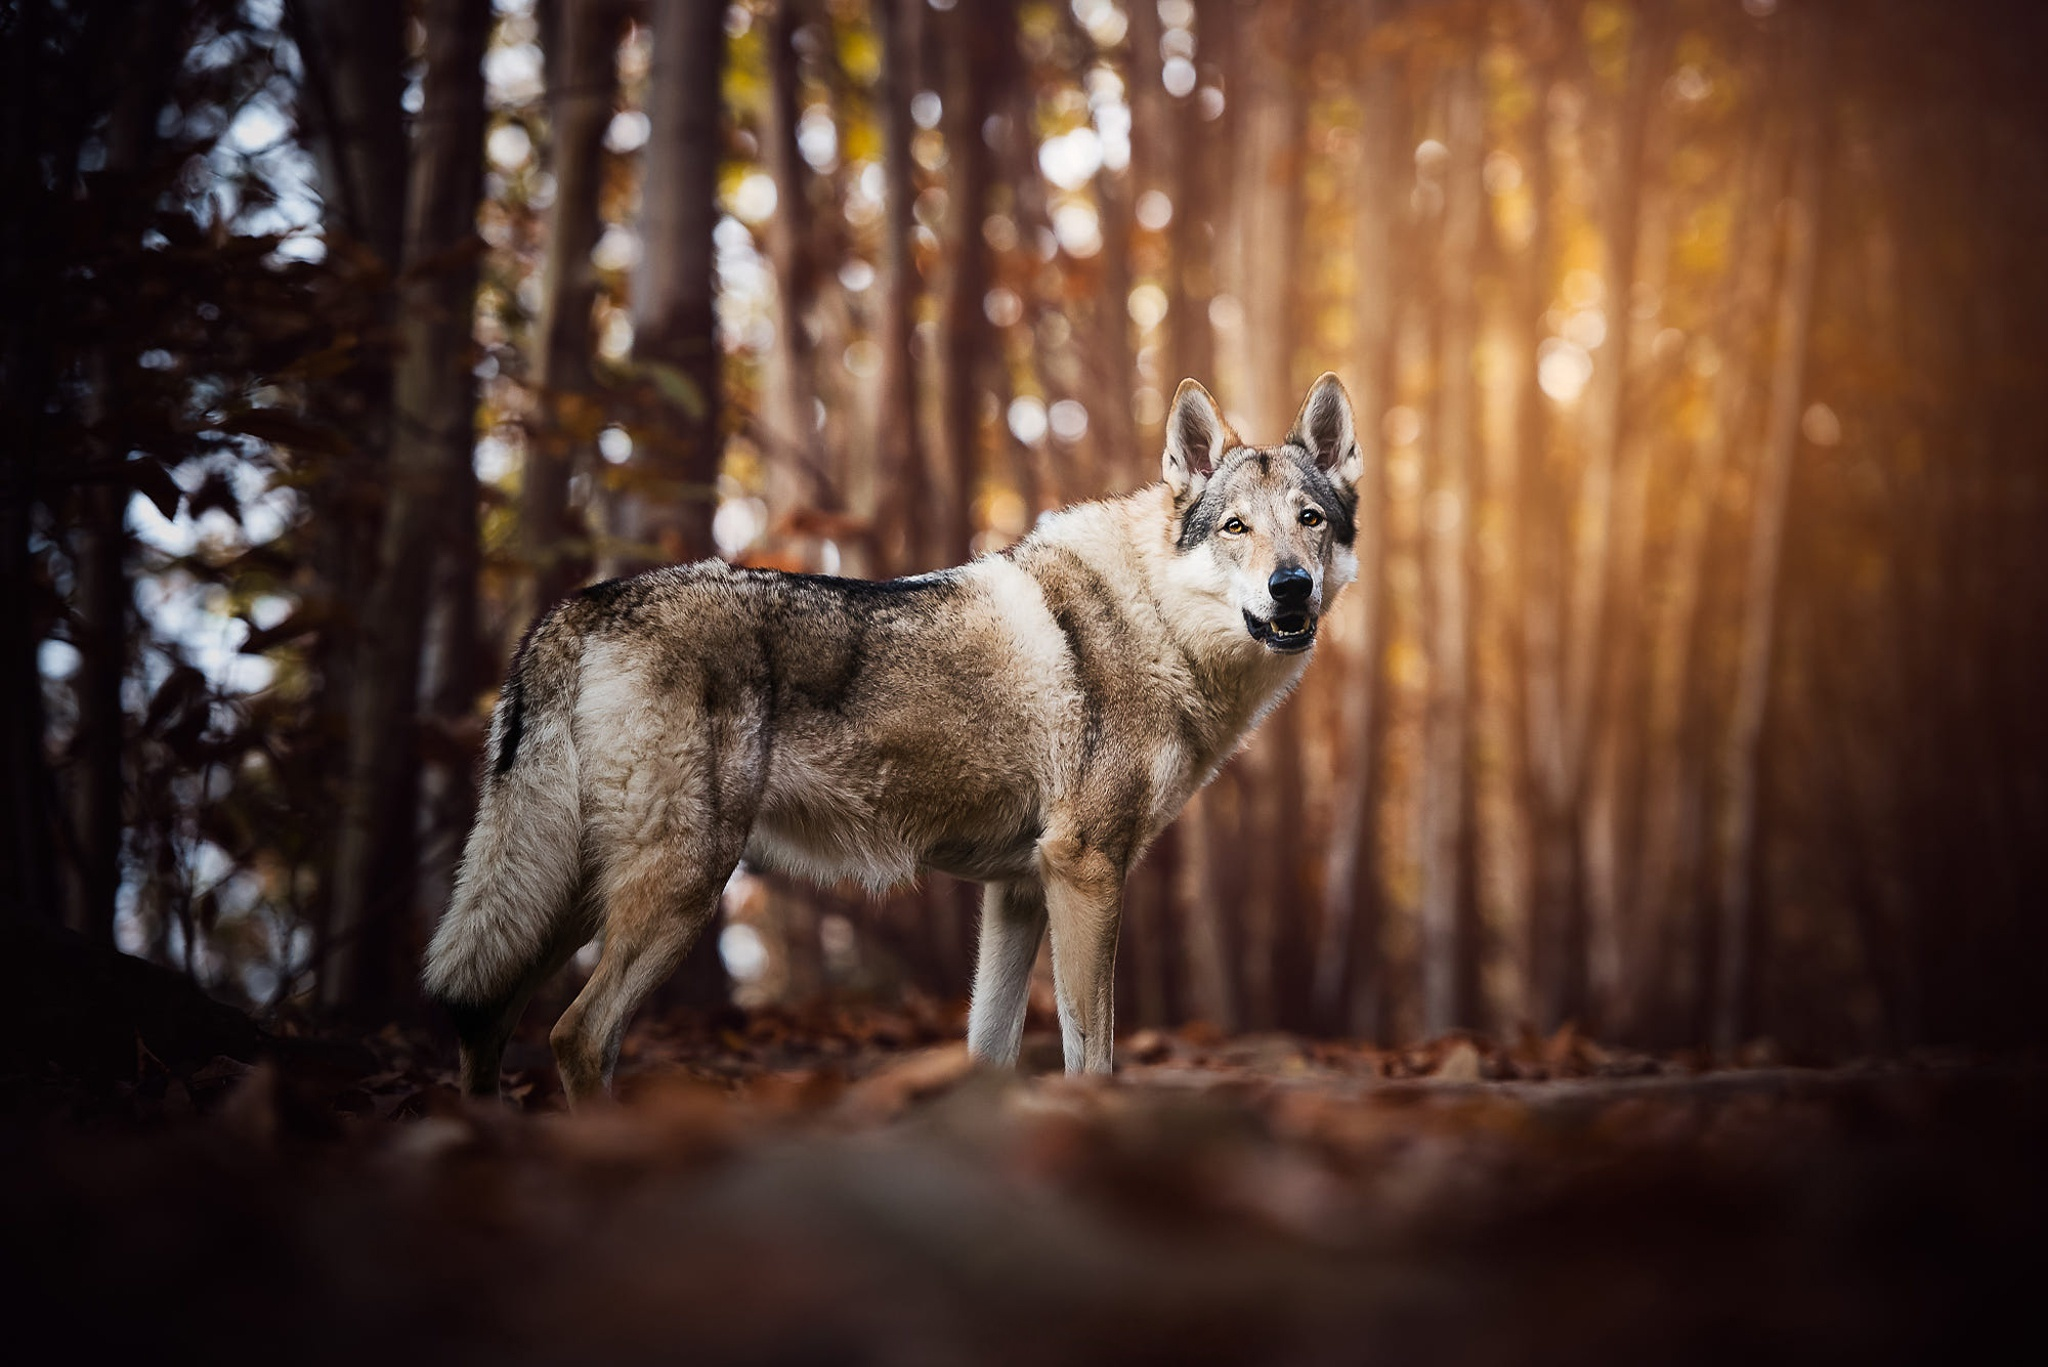 Картинка: Волк, смотрит, лес, деревья